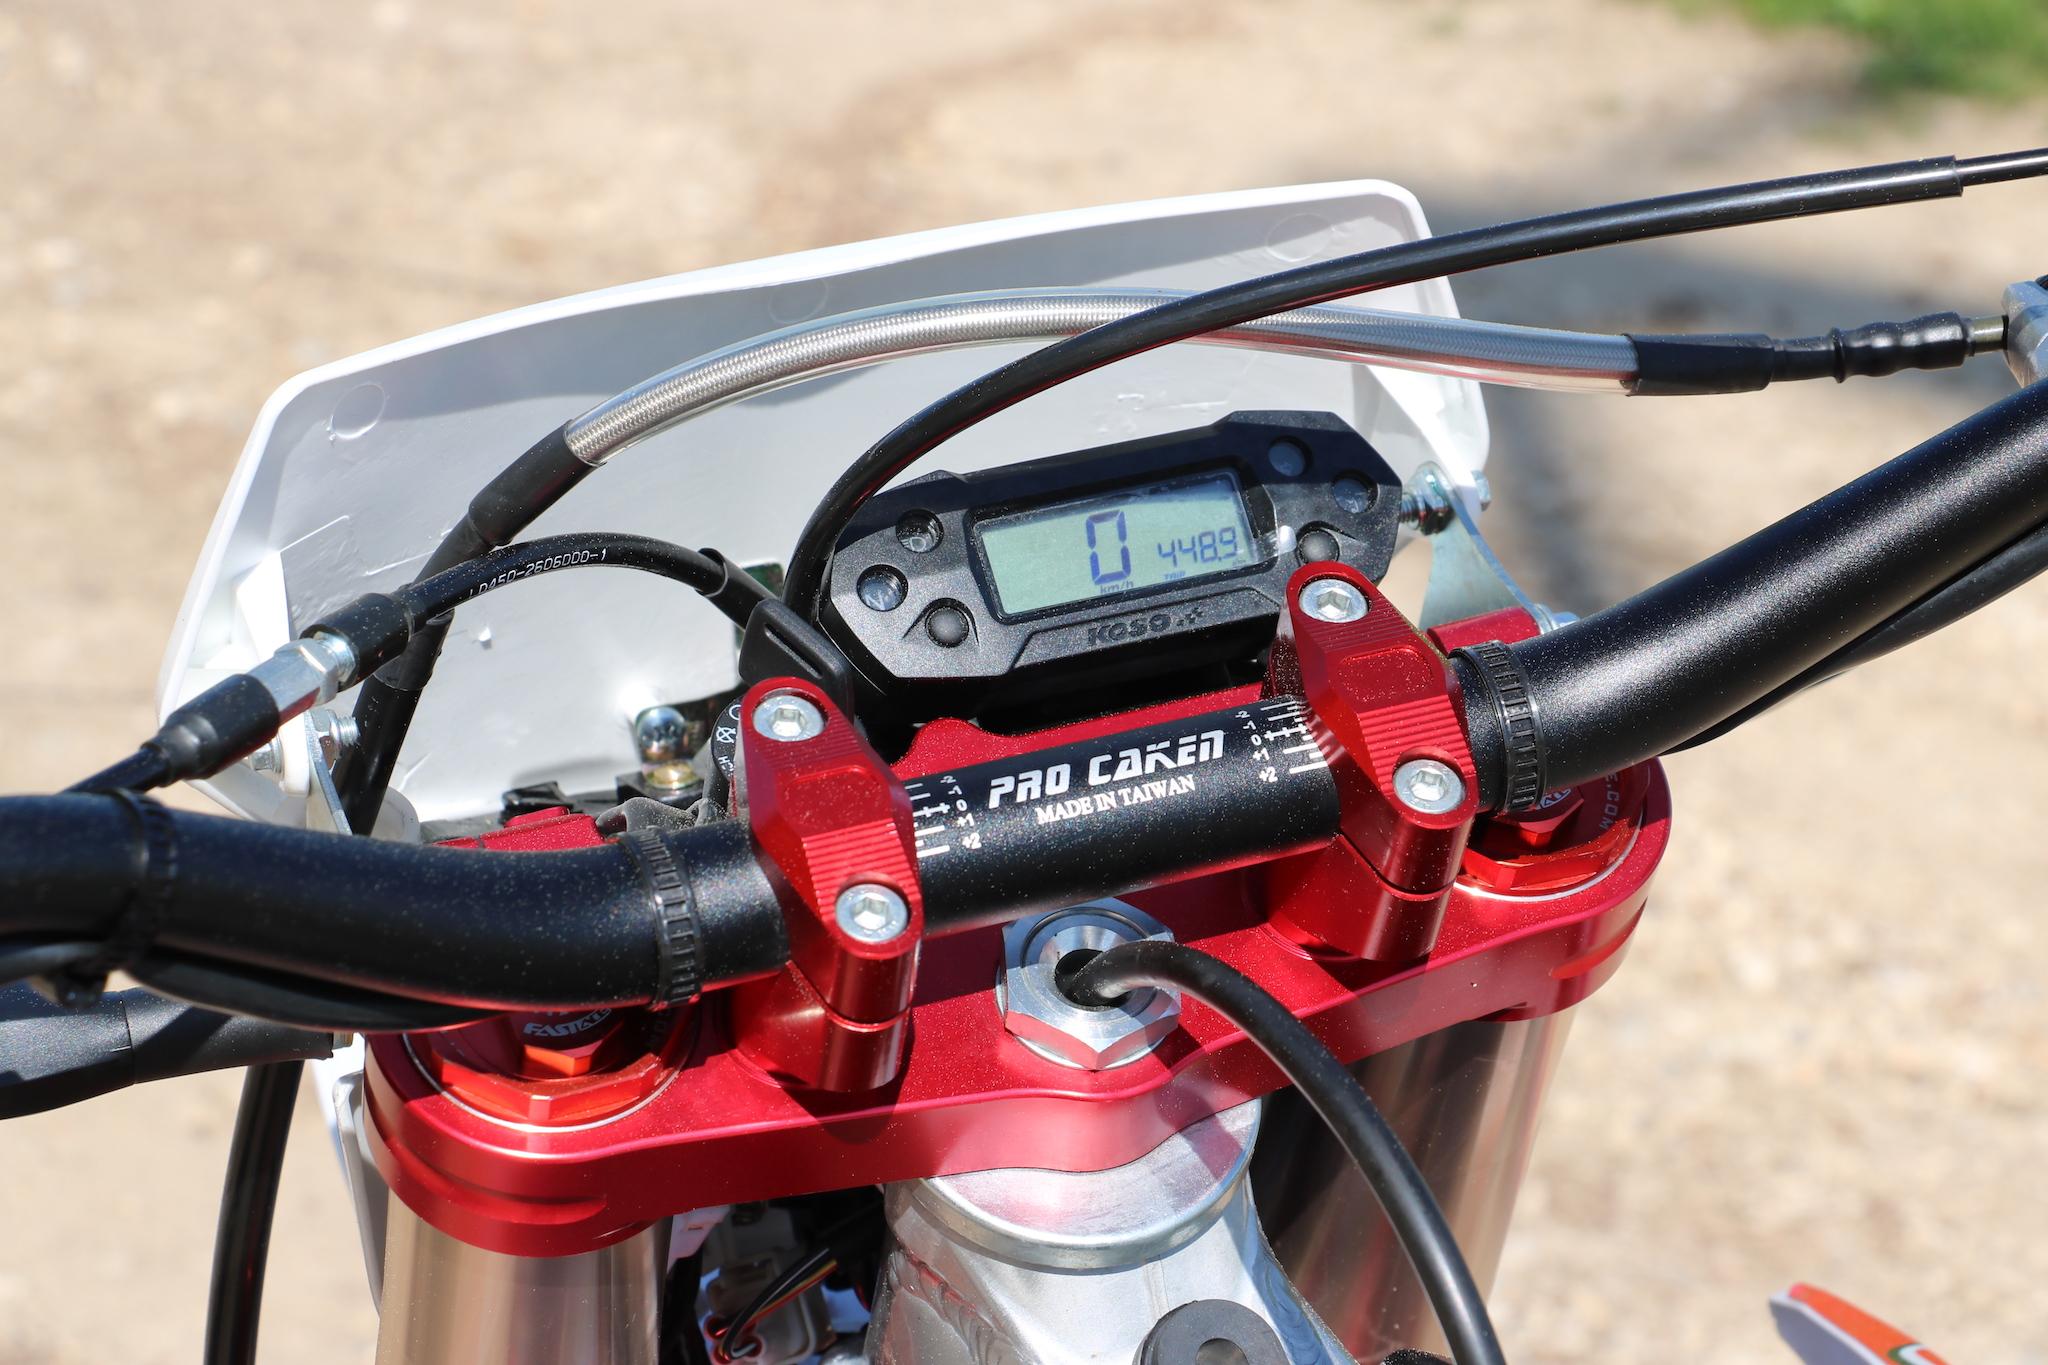 XRF 450